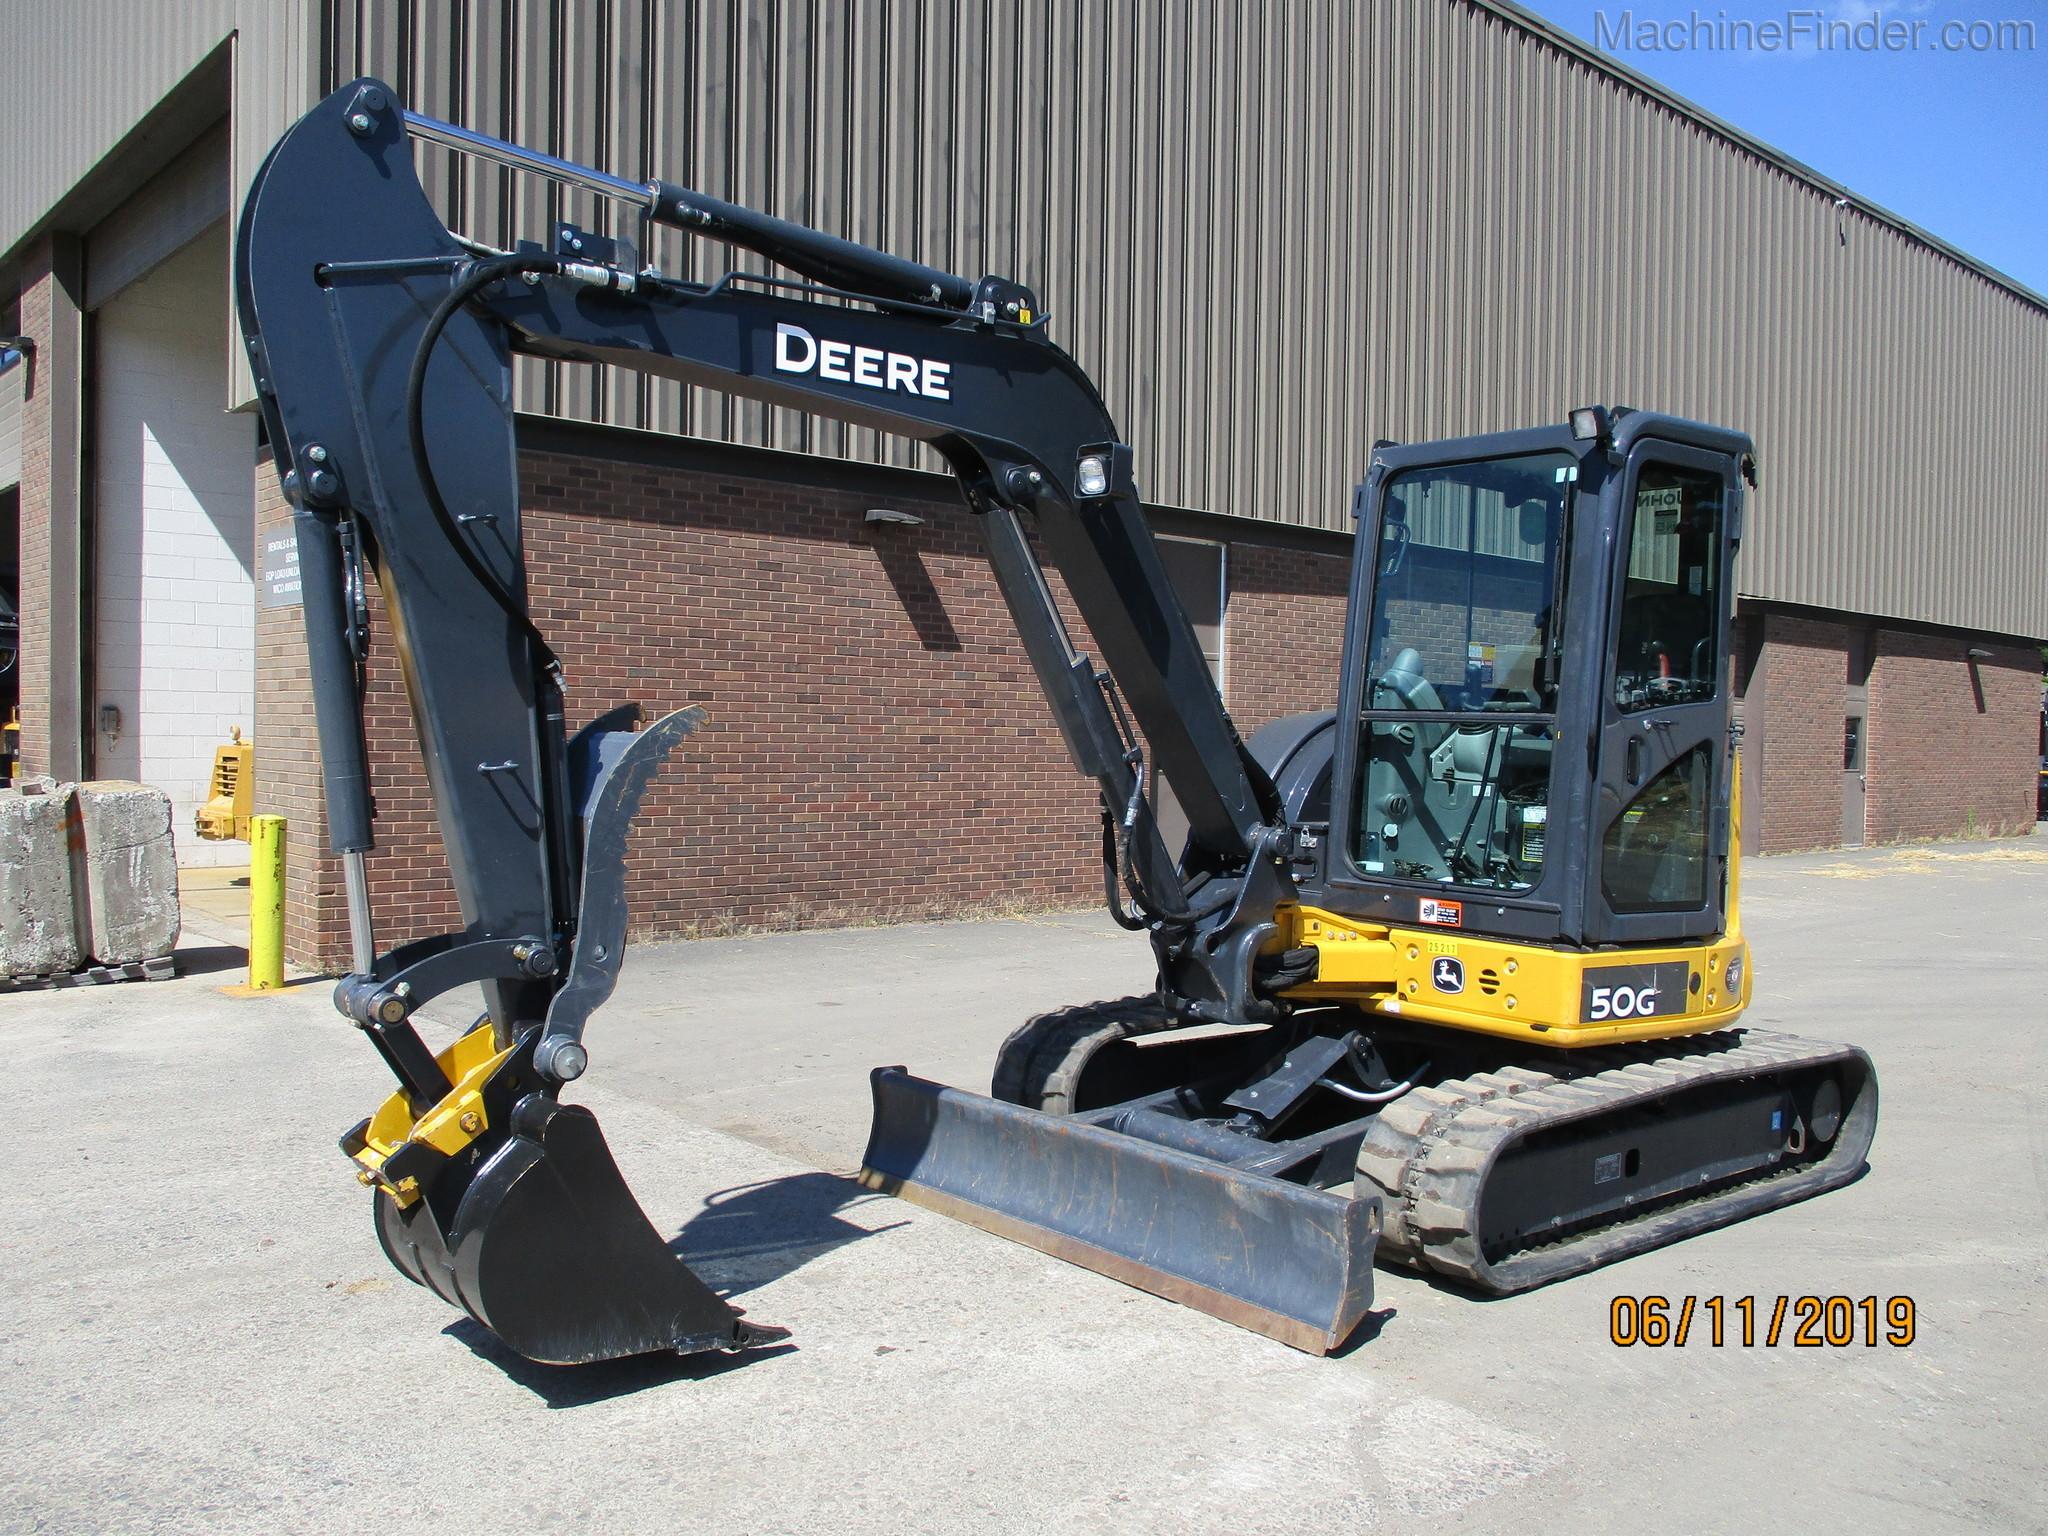 2018 John Deere 50g Compact Excavators John Deere Machinefinder